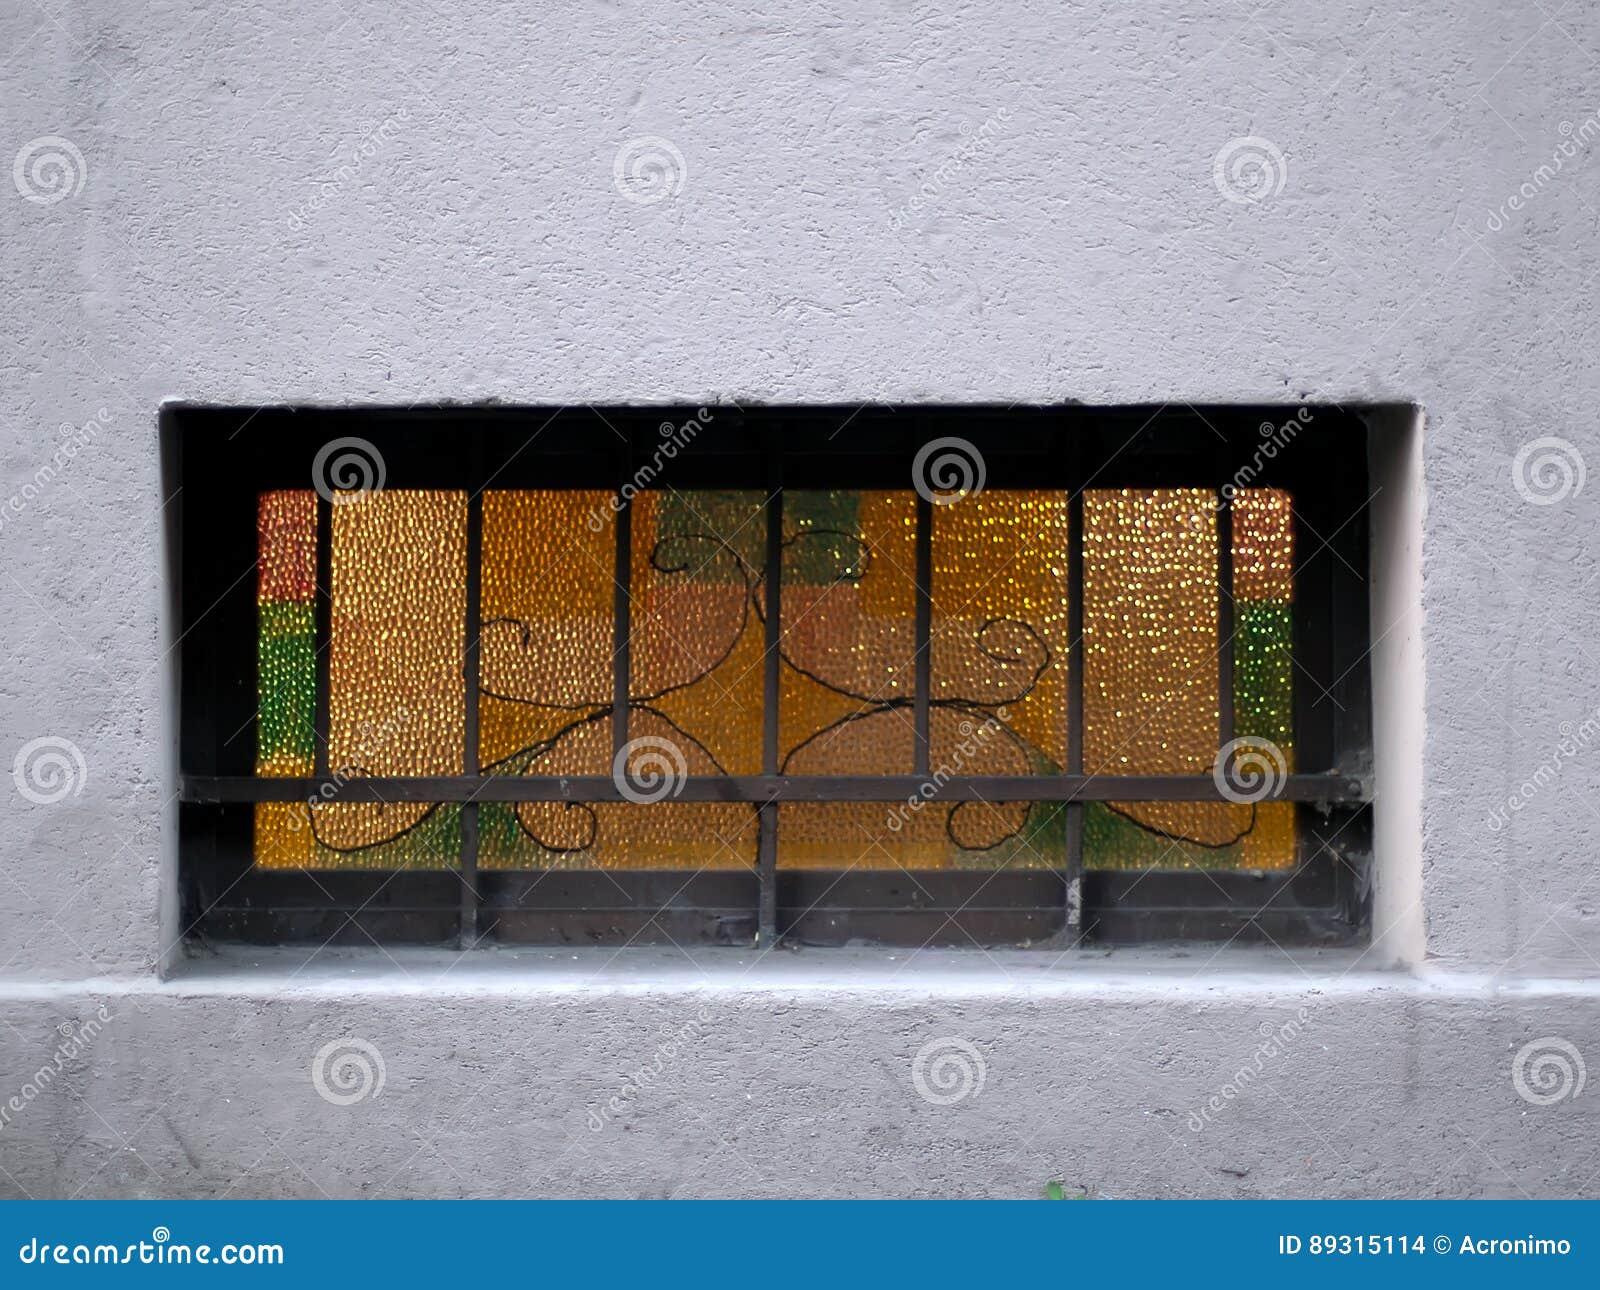 gelbe fenster stockfoto. bild von außen, grill, fenster - 89315114